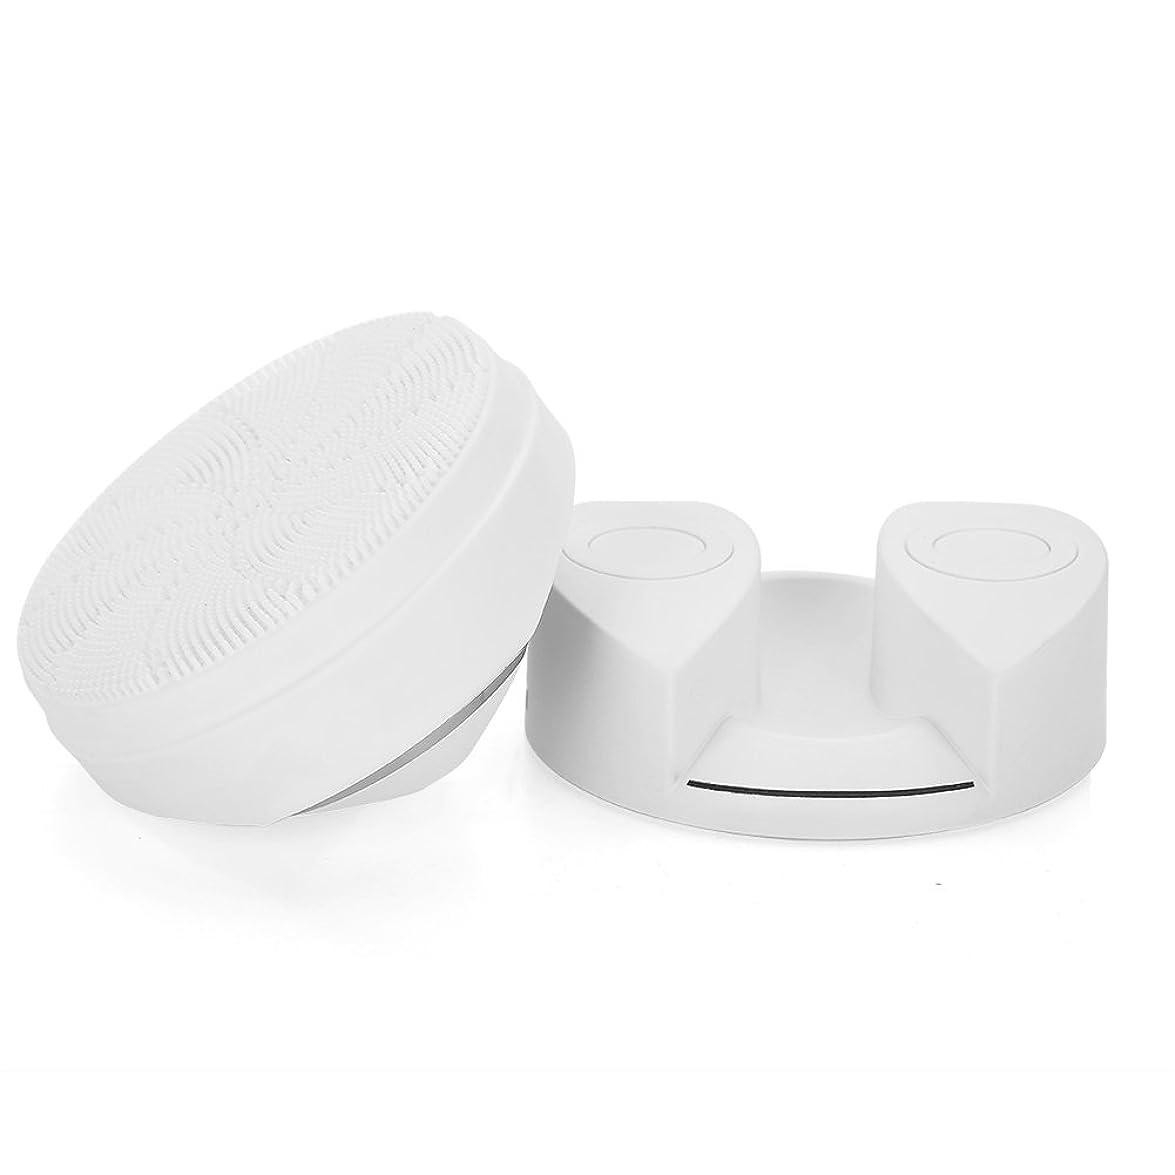 書道保持するヘッジ洗顔ブラシ 電動 毛穴ケア クレンジング ボディブラシ 顔に洗浄美顔器 美容器具 超音波 シリコー USB充電式